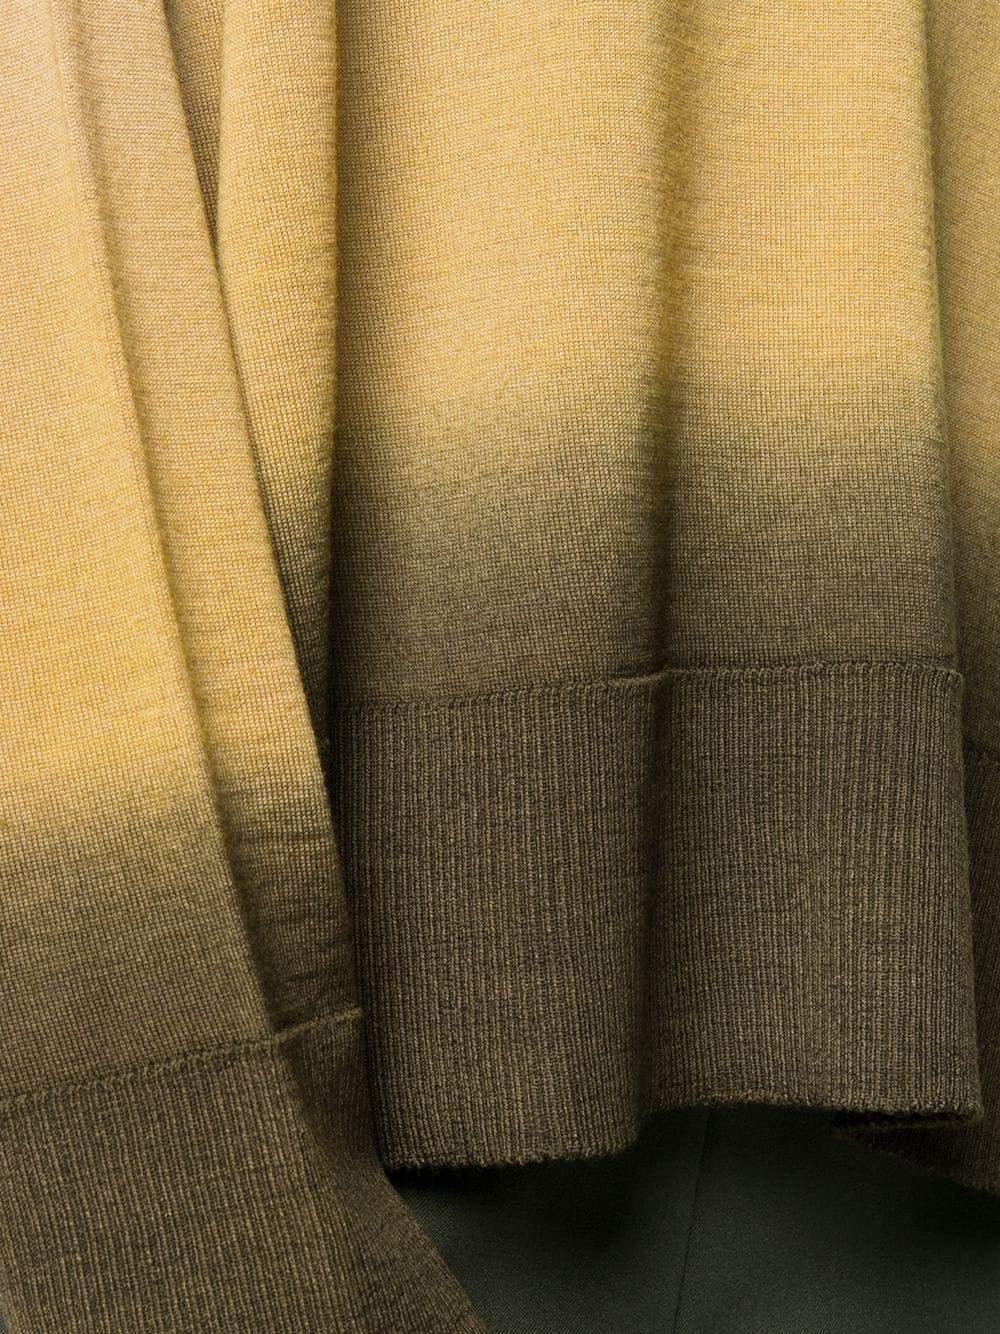 Top tie-dye in lana vergine marrone e giallo senape con scollo tondo ALTEA   Maglieria   206156145